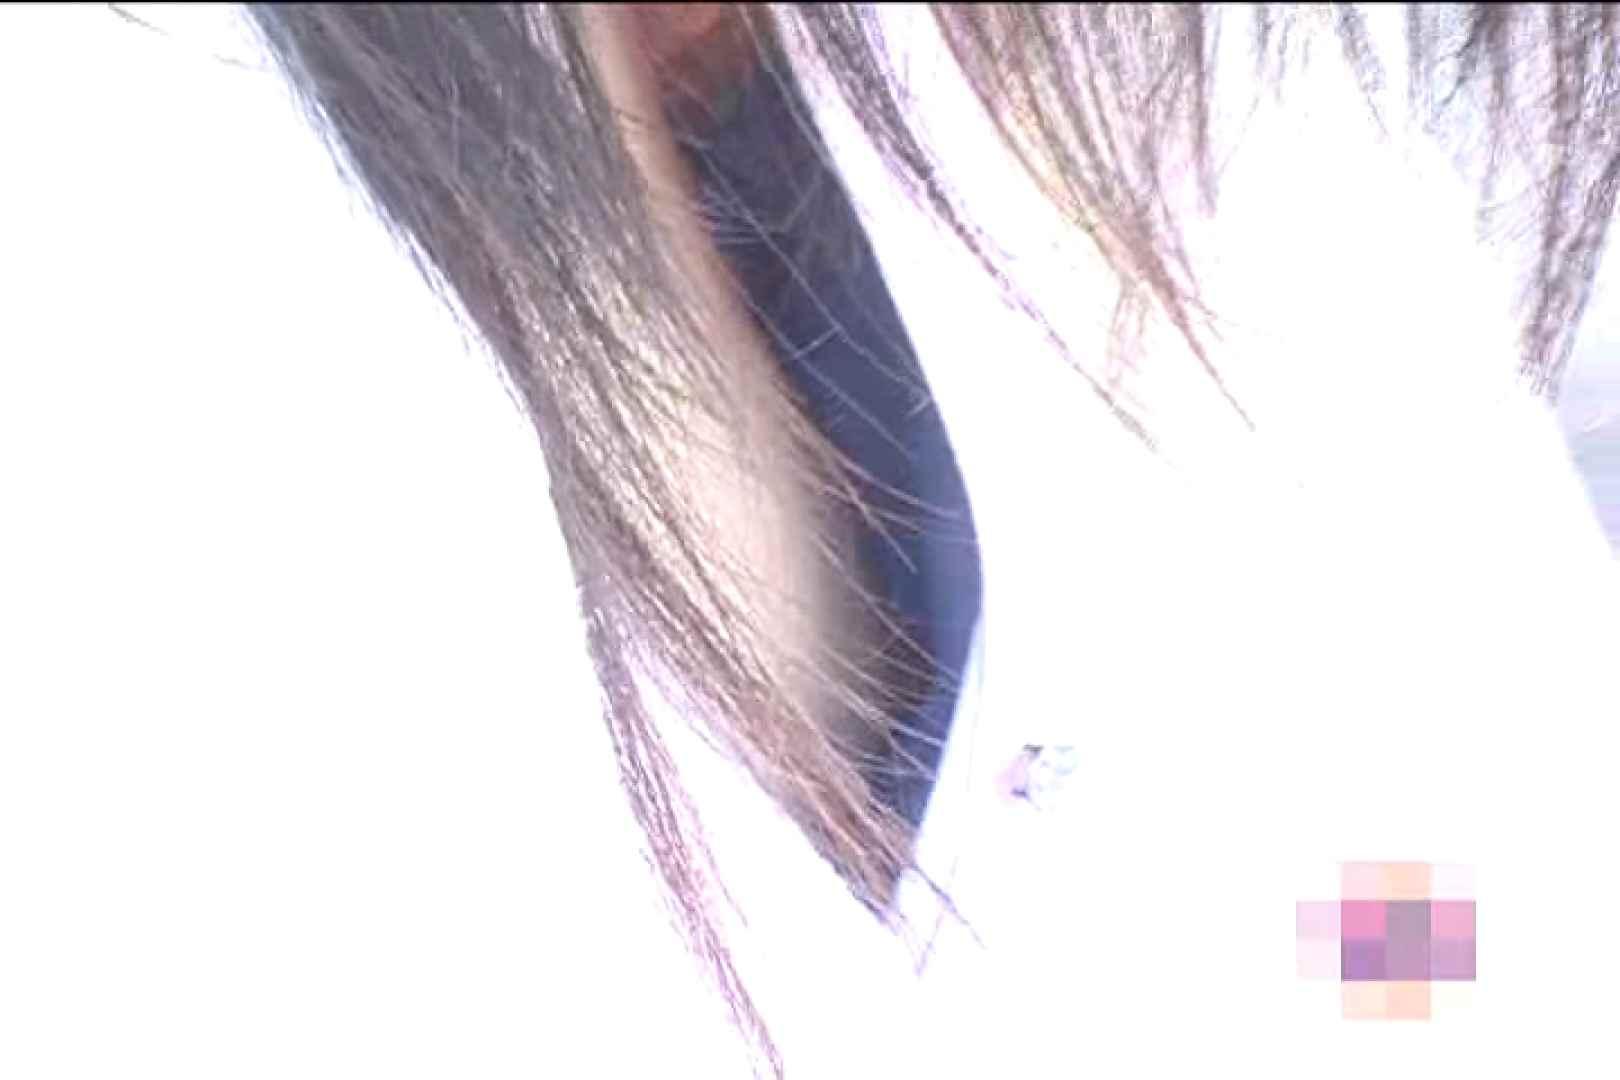 大胆露出胸チラギャル大量発生中!!Vol.6 乳首 エロ無料画像 86PIX 39